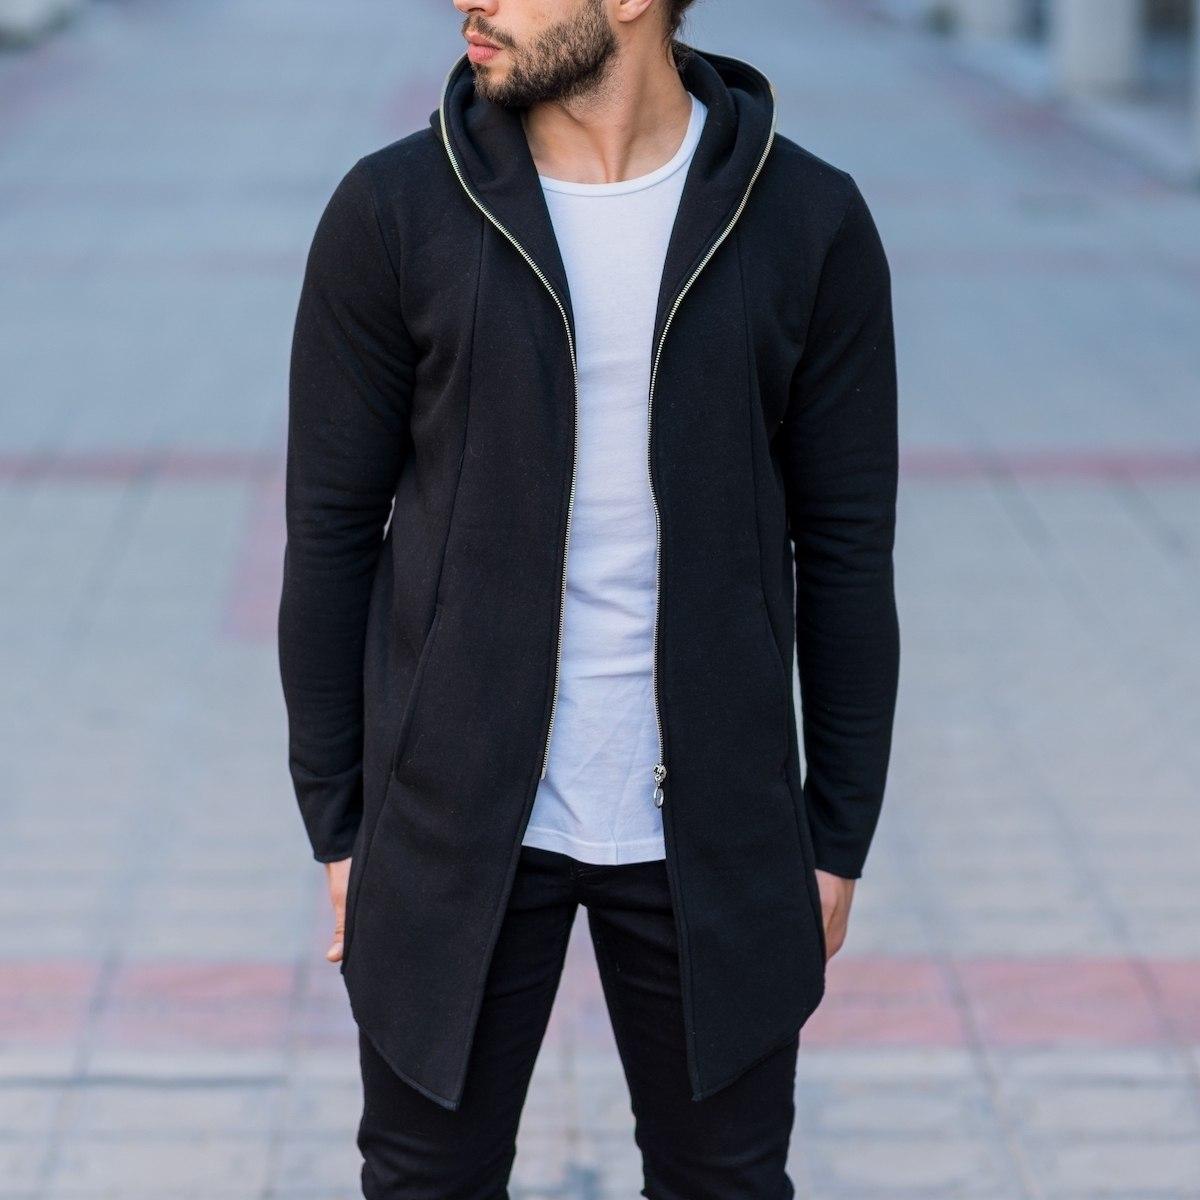 Men's Zipper Cardigan In Black